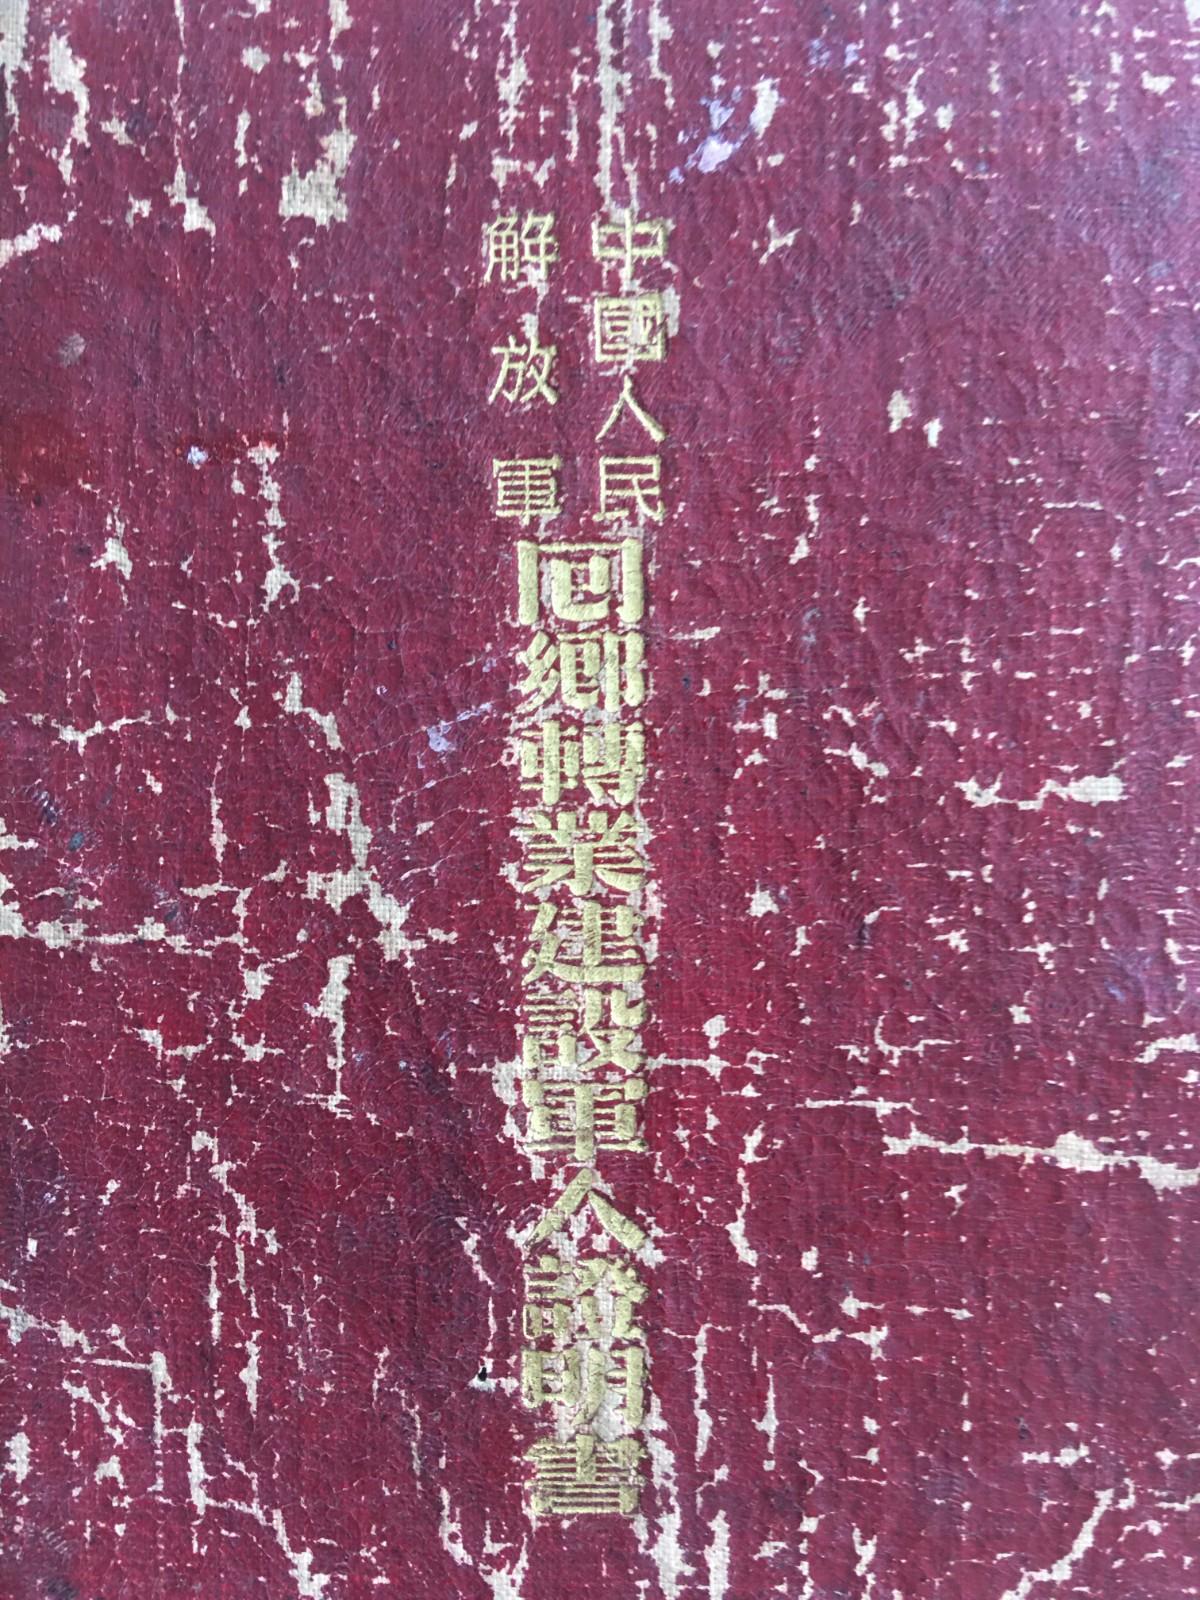 中国人民解放军回乡转业建设军人证明书-李太和_图1-1